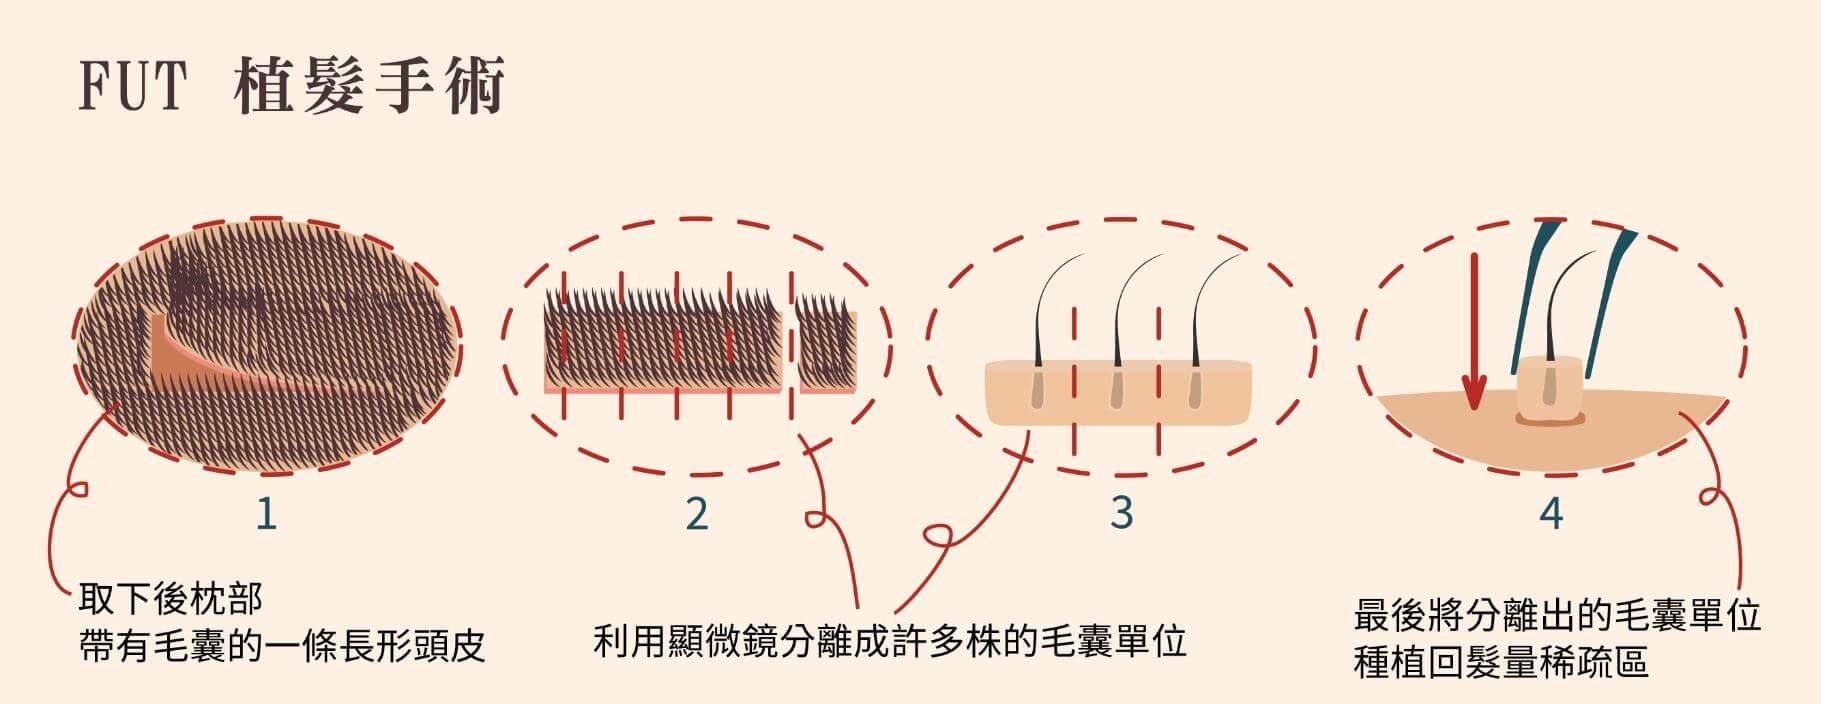 FUT植髮手術